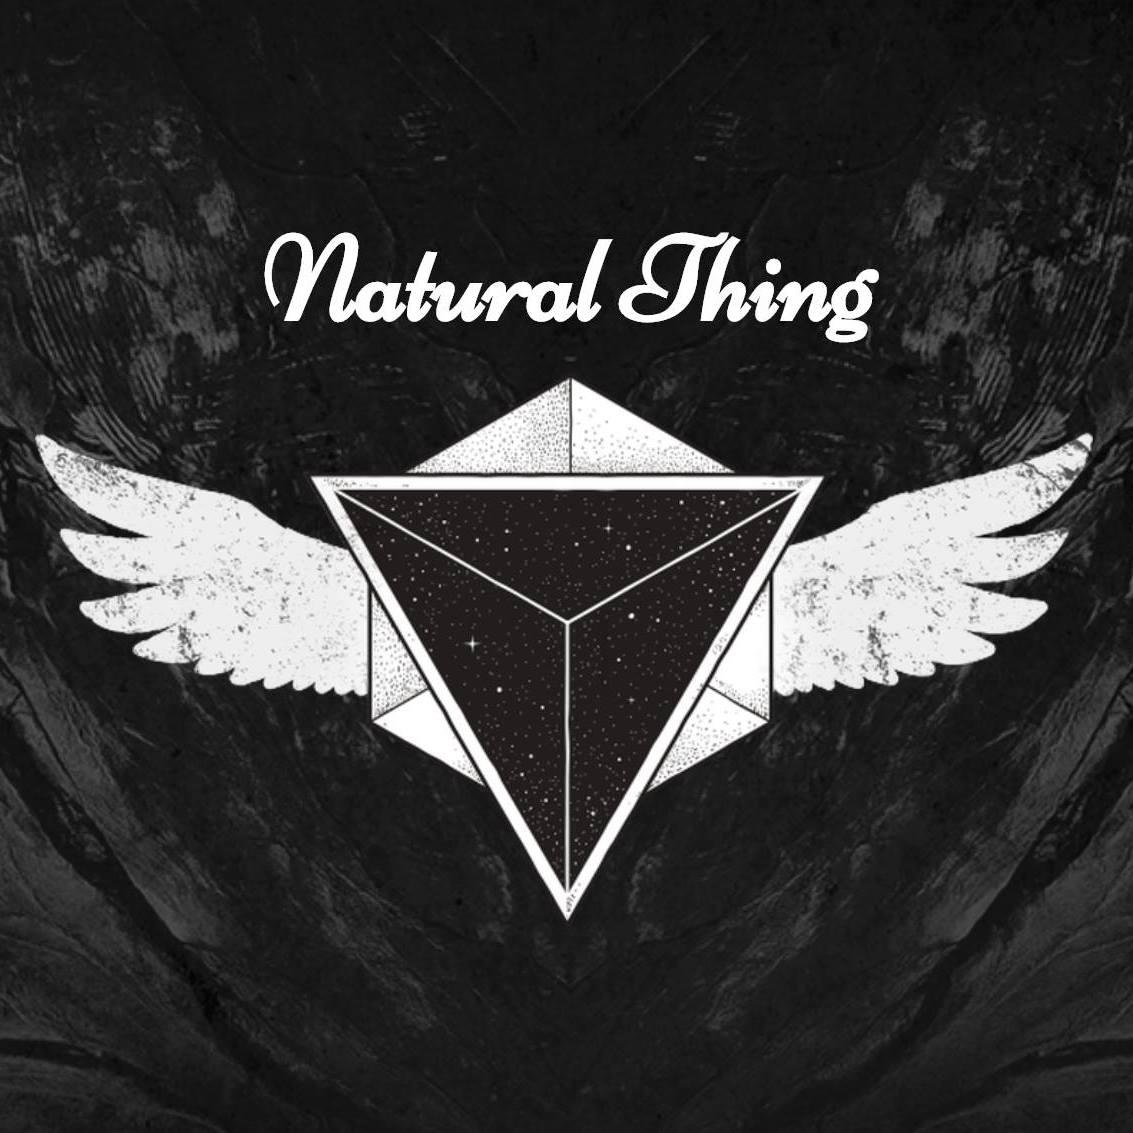 Natural Thing.jpg